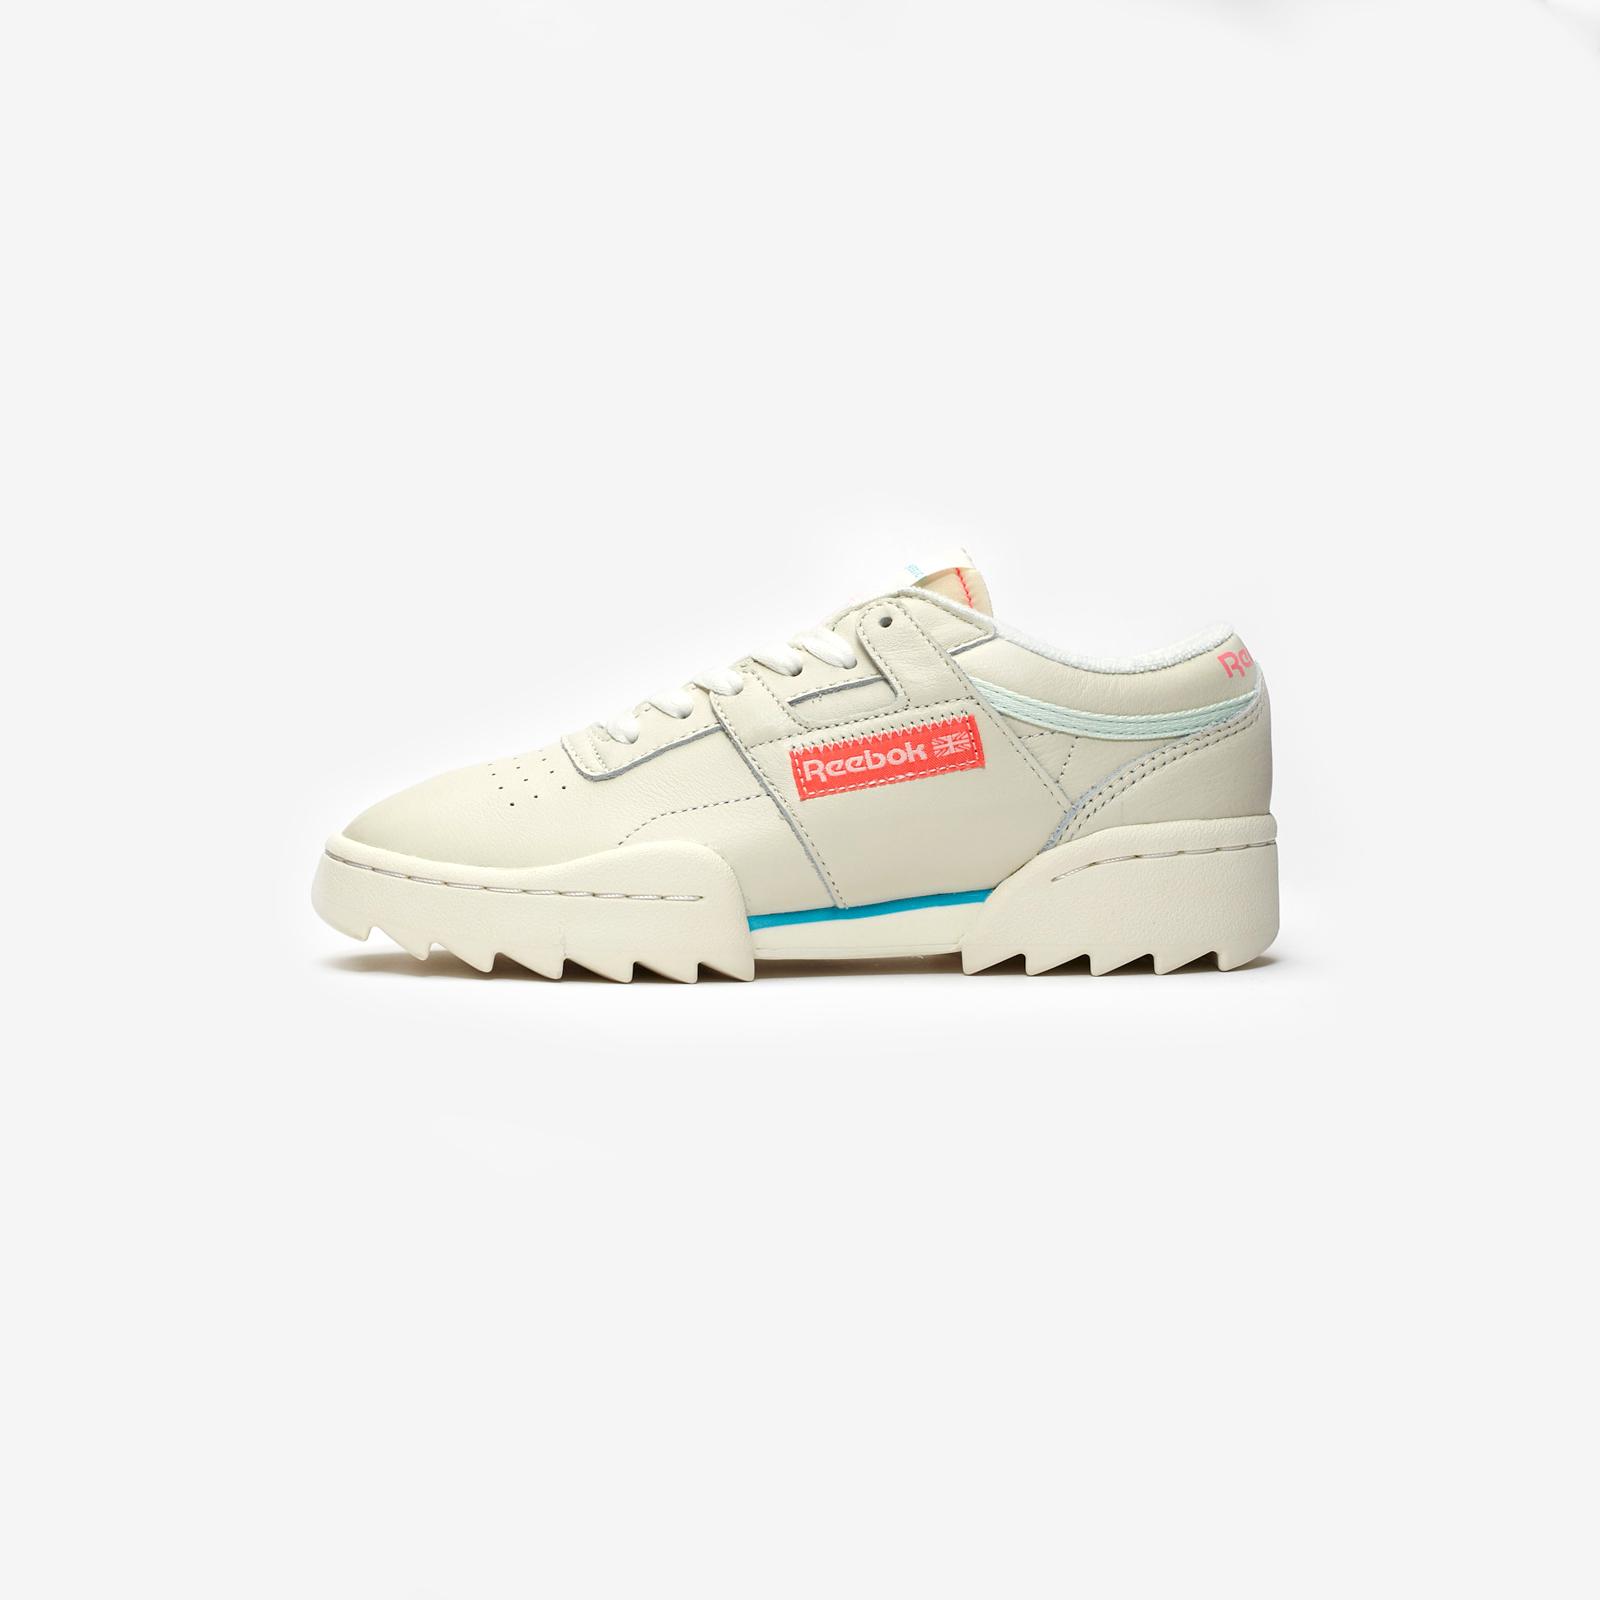 953a6b8366024 Reebok Workout Ripple OG - Dv7783 - Sneakersnstuff